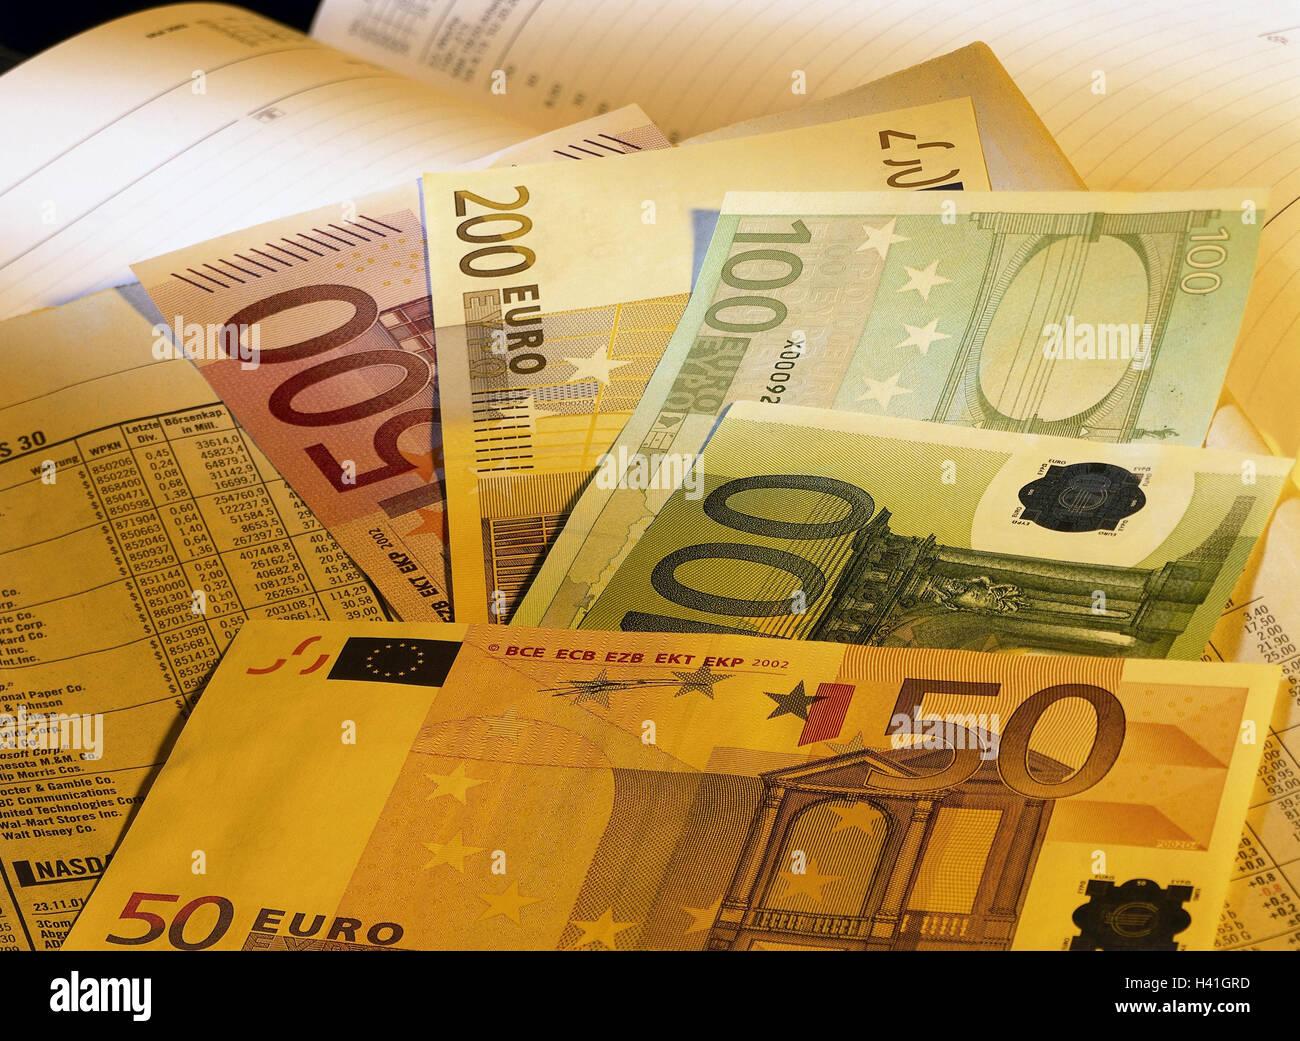 5d94b4939b Calendari, finanziari, della carta delle banconote euro, still life, la  fotografia del prodotto, banconote, denaro contante, valuta unità  monetaria, moneta ...